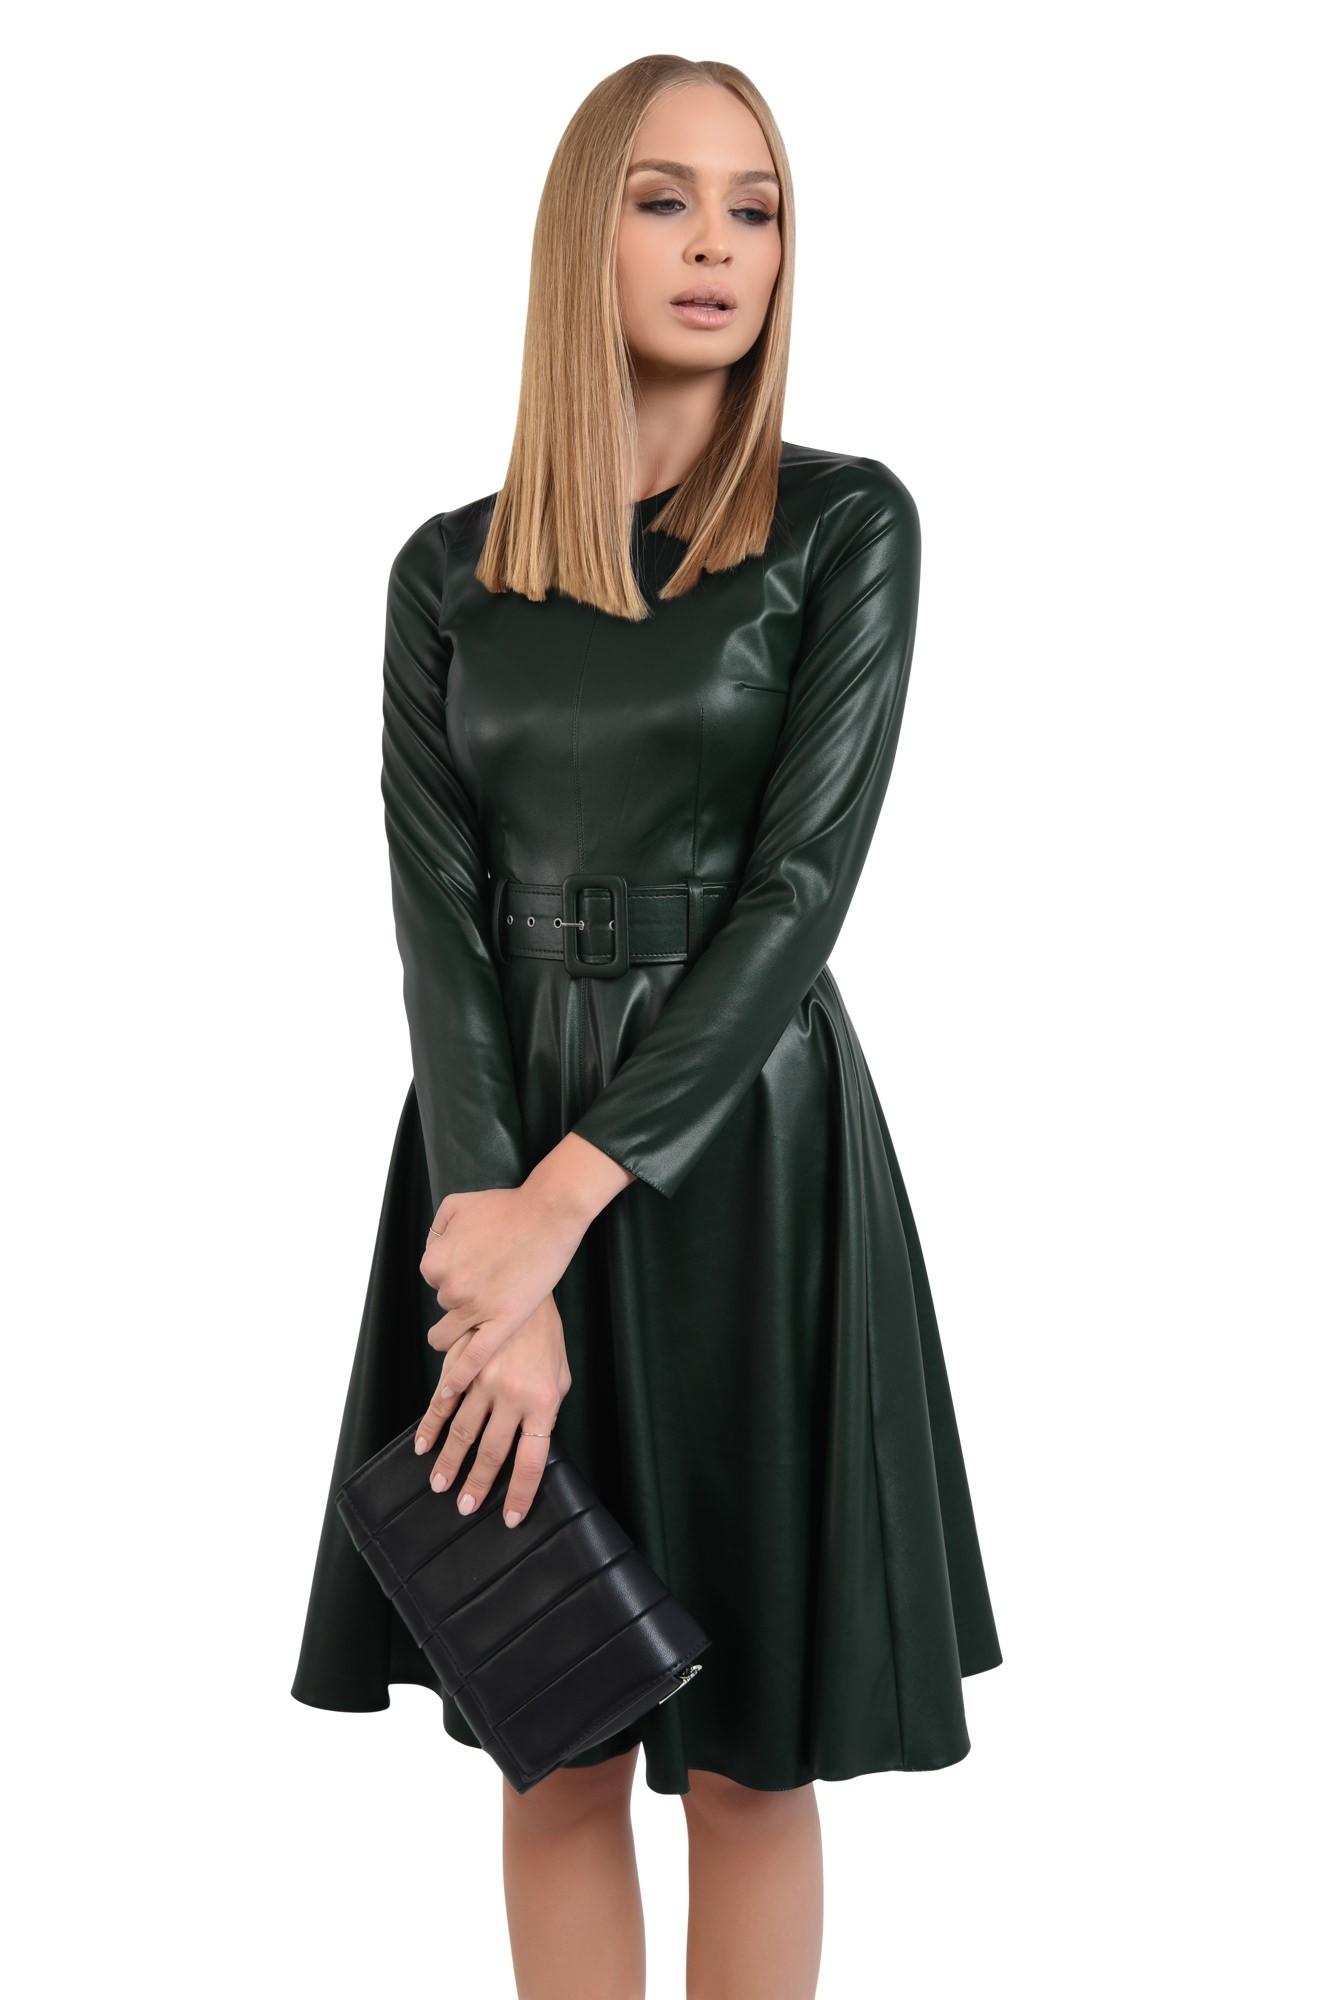 0 - rochie casual verde, centura, cambrata, fermoar la spate, rochii online